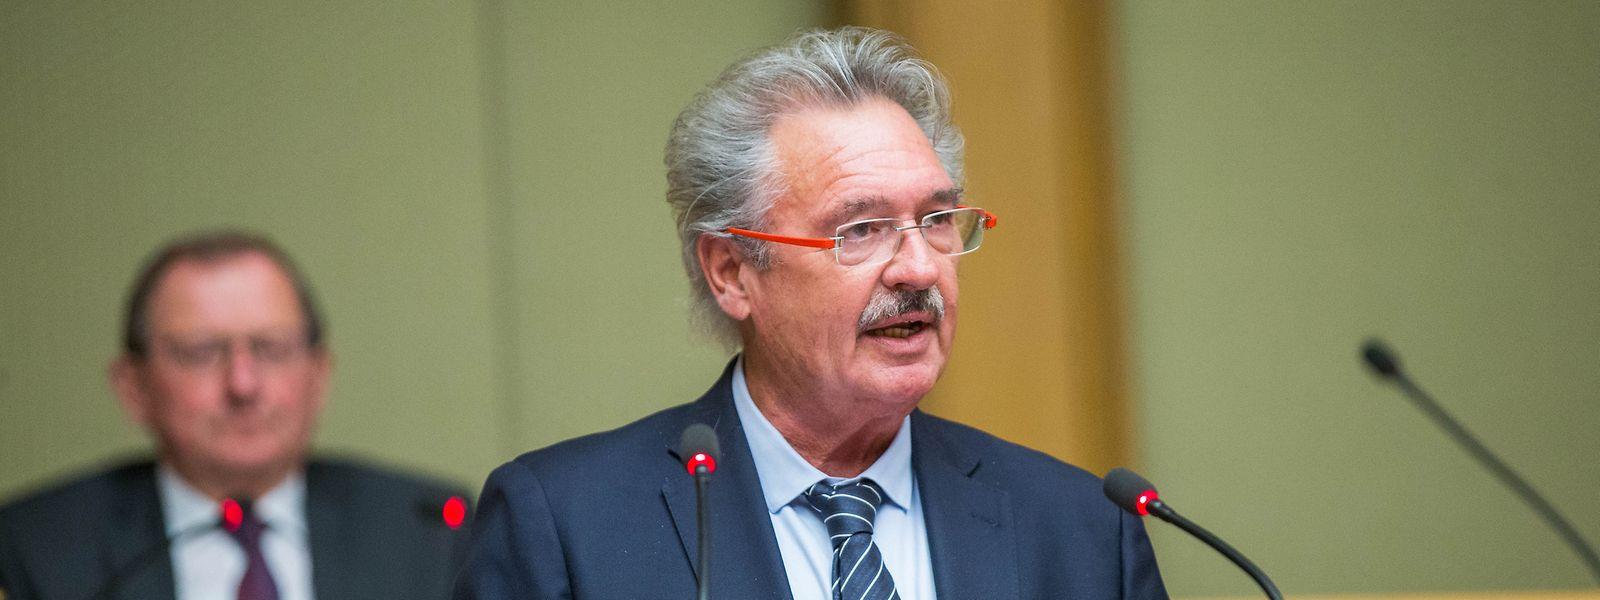 Jean Asselborn a envoyé une lettre à Odigeo, holding inscrite au Luxembourg, pour l'appeler à remédier à toute violation des droits de l'homme.